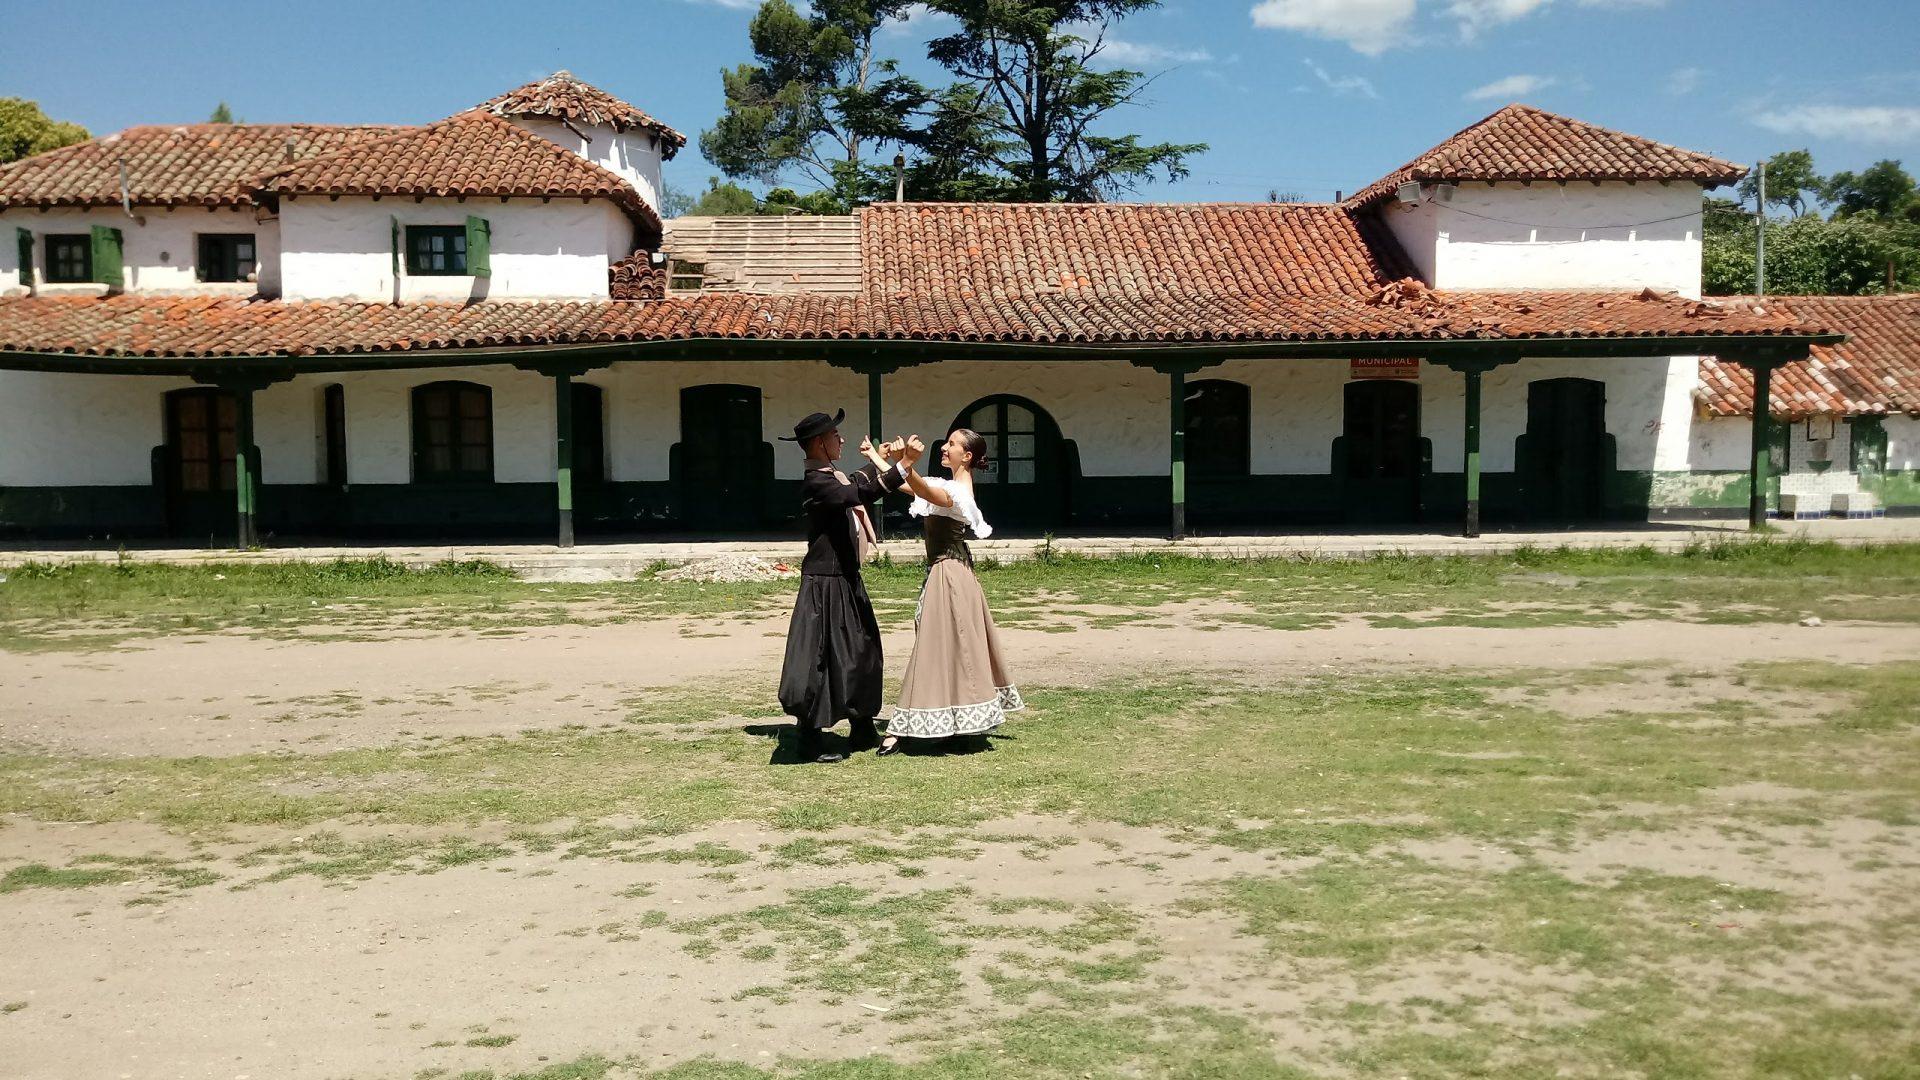 Danzas Vivas: un documental web sobre el folklore argentino